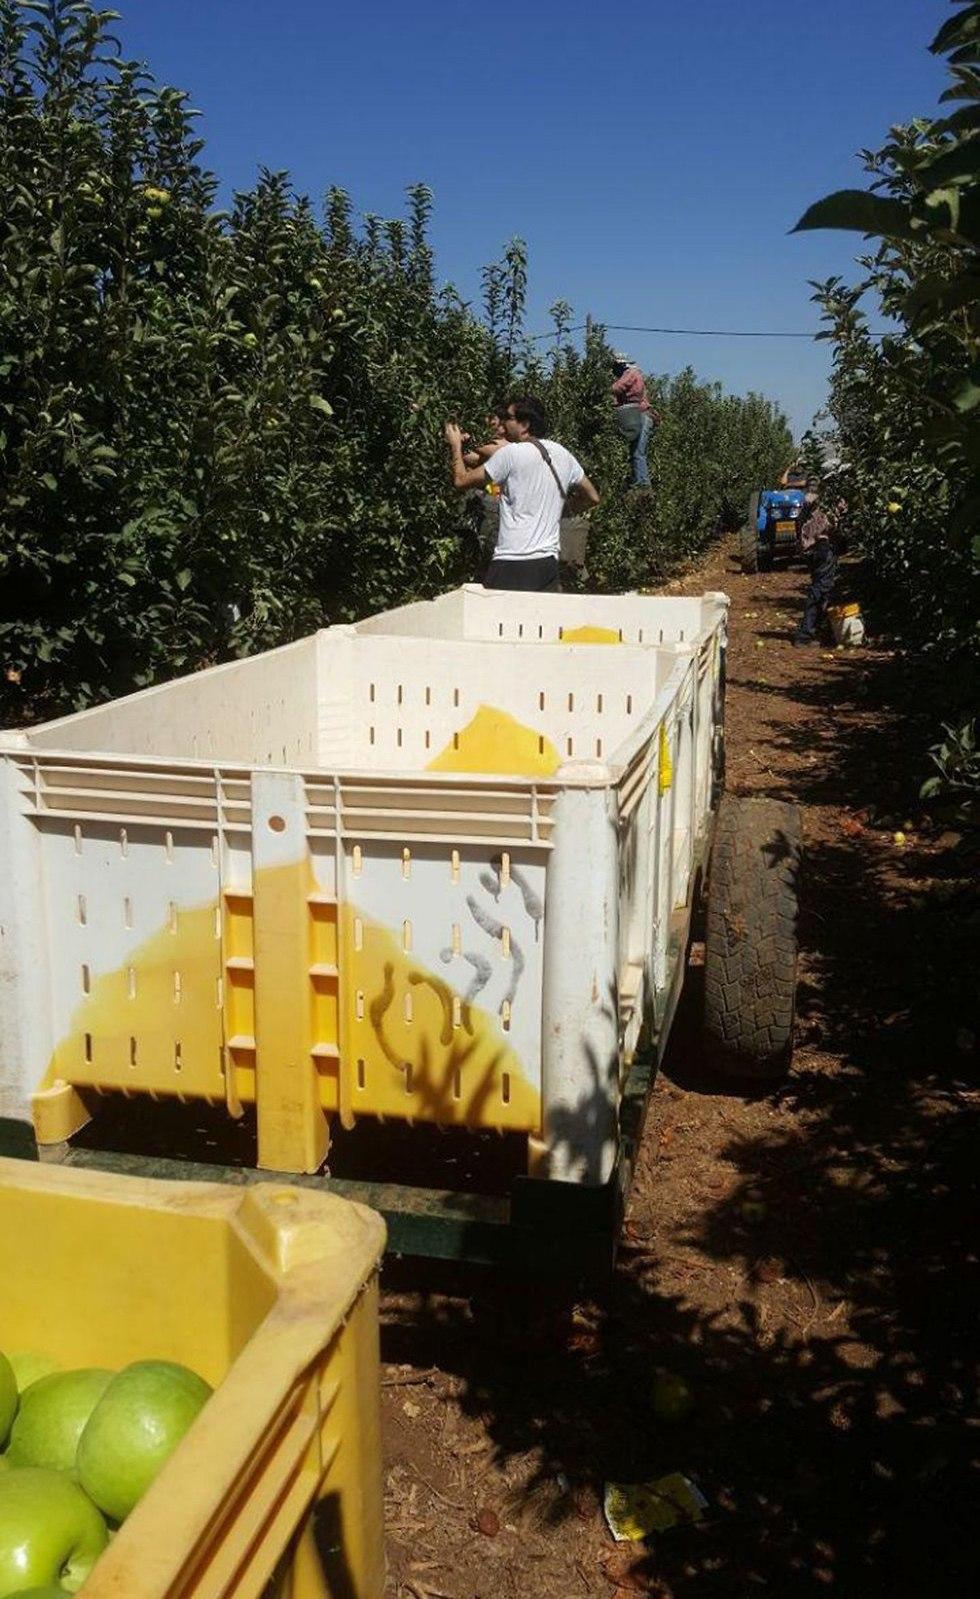 מטע התפוחים של לבב ויינברג, בשטחו נמצאה מנהרת טירור של חיזבאללה (צילום: ענת ויינברג)